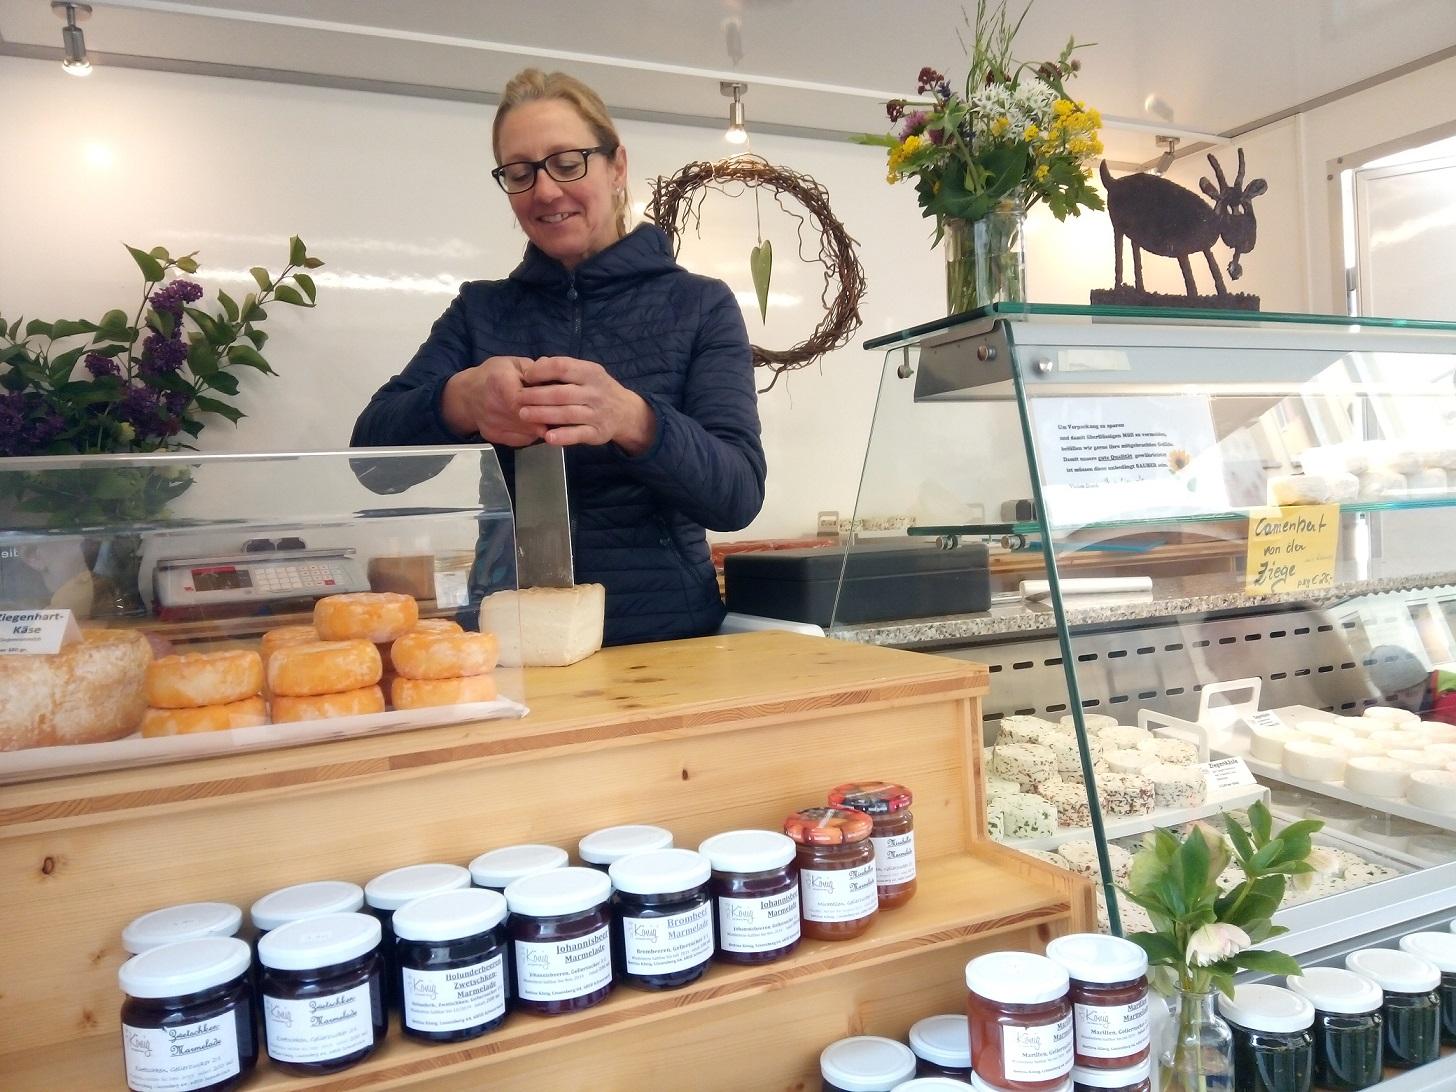 Bettina König Steht Im Hofladen Und Schneidet Käse, Auf Dem Foto Sind Verschiedene Produkte Des Hofladens Zu Sehen